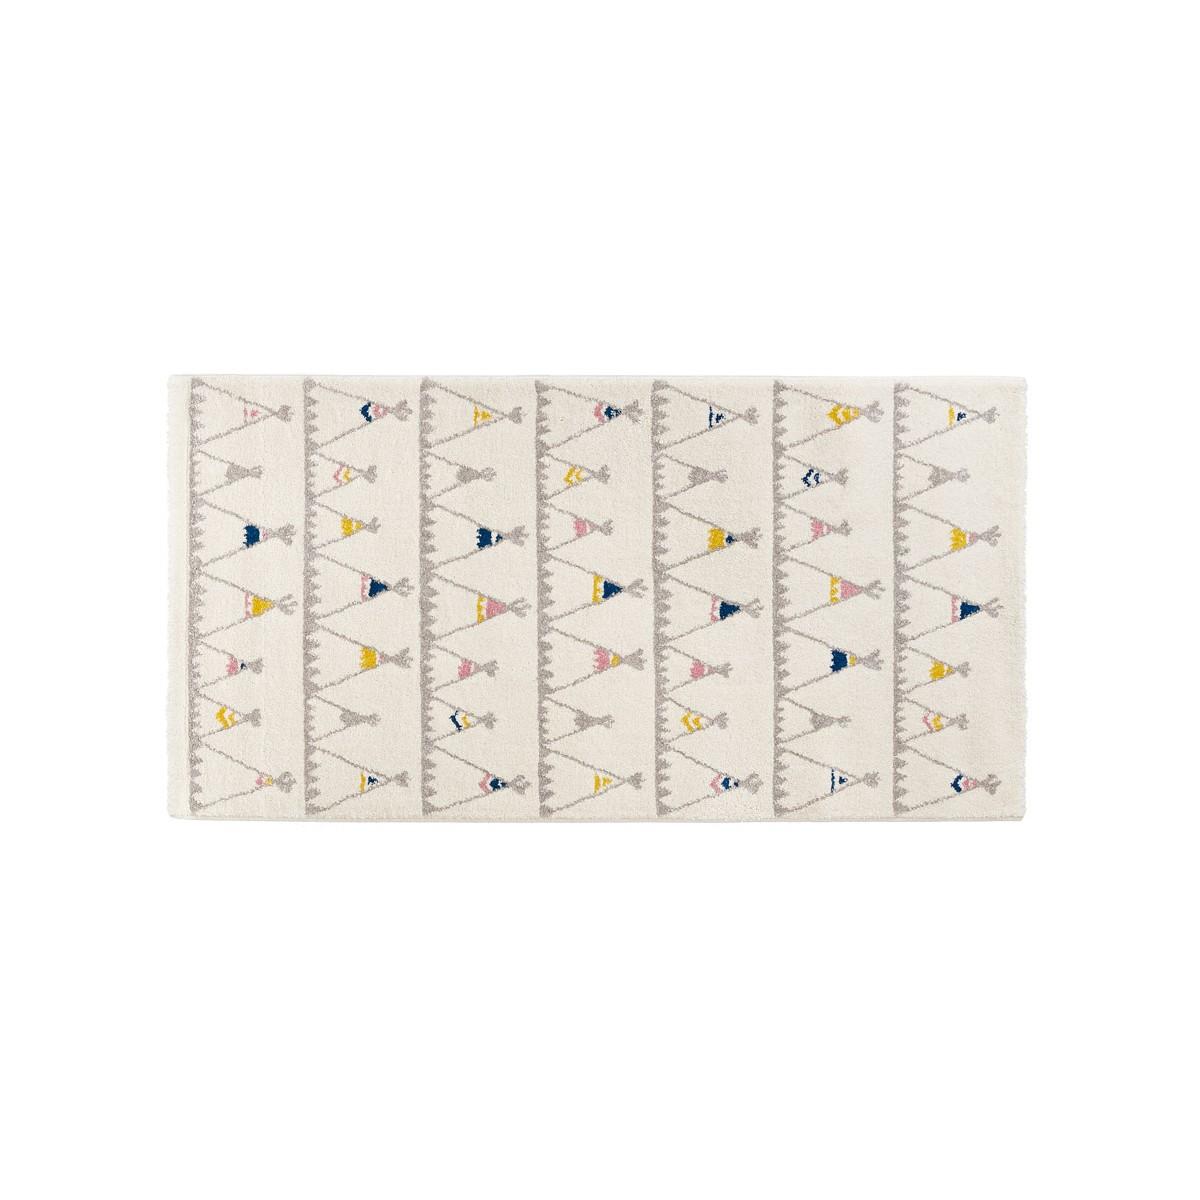 Tapis de b/éb/é rampant /écologique imperm/éable /à leau /épaississement enfant pliant tapis de salon tapis tapis grimper un coussin multi couleur